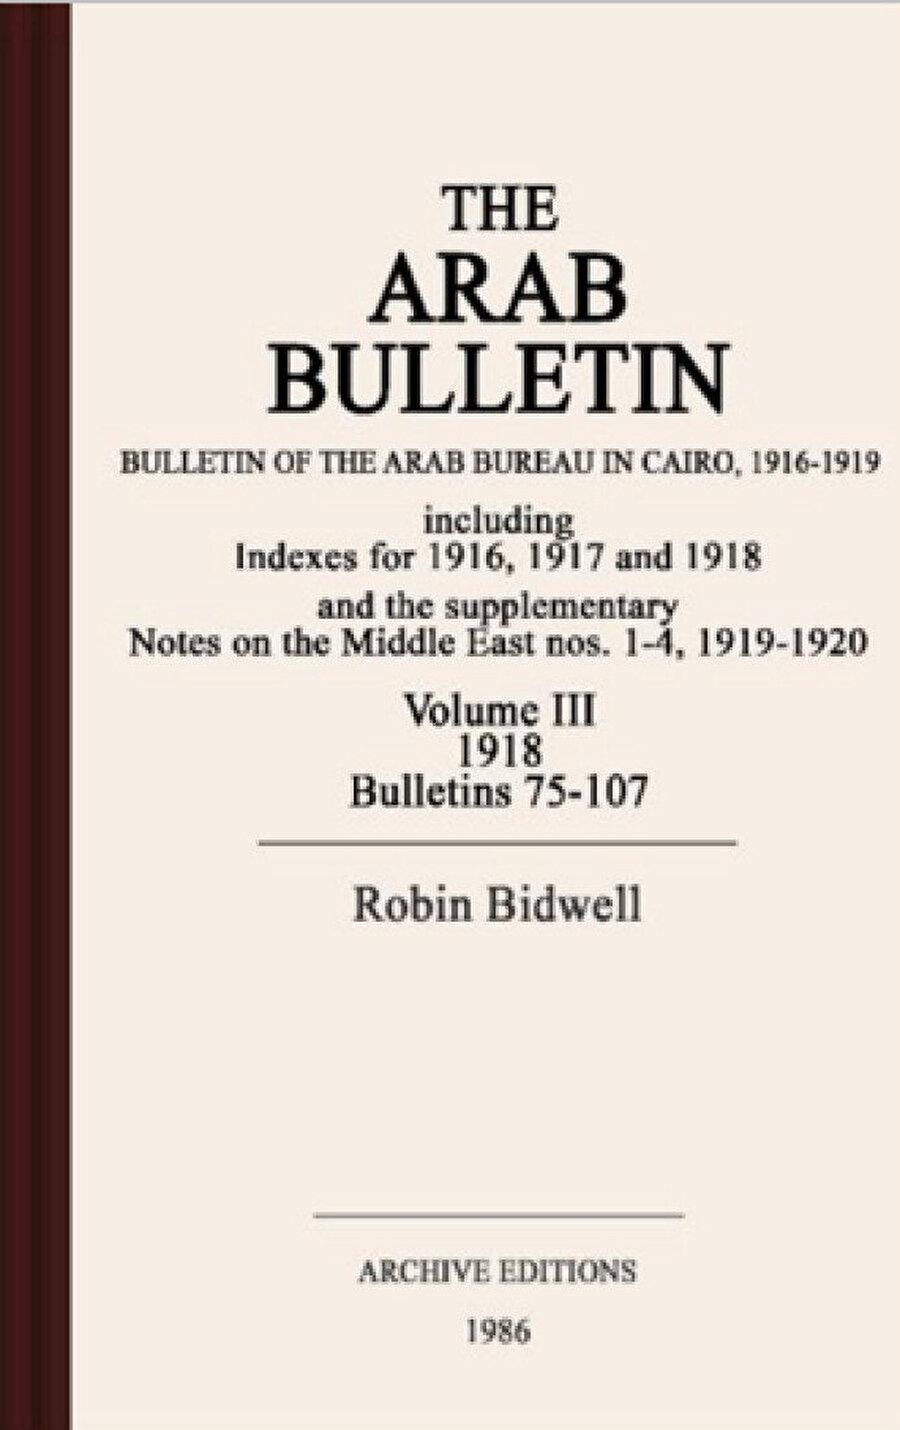 Hindistan'daki merkez tarafından yayınlanan Gazetteer of Arabia ile Mısır'daki merkez tarafından yayınlanan Arab Bulletin bölge ile alakalı çok önemli raporların ve bilgilerin yer aldığı iki yayın olur. Her iki yayında da Bell'in ciddi katkıları vardır.